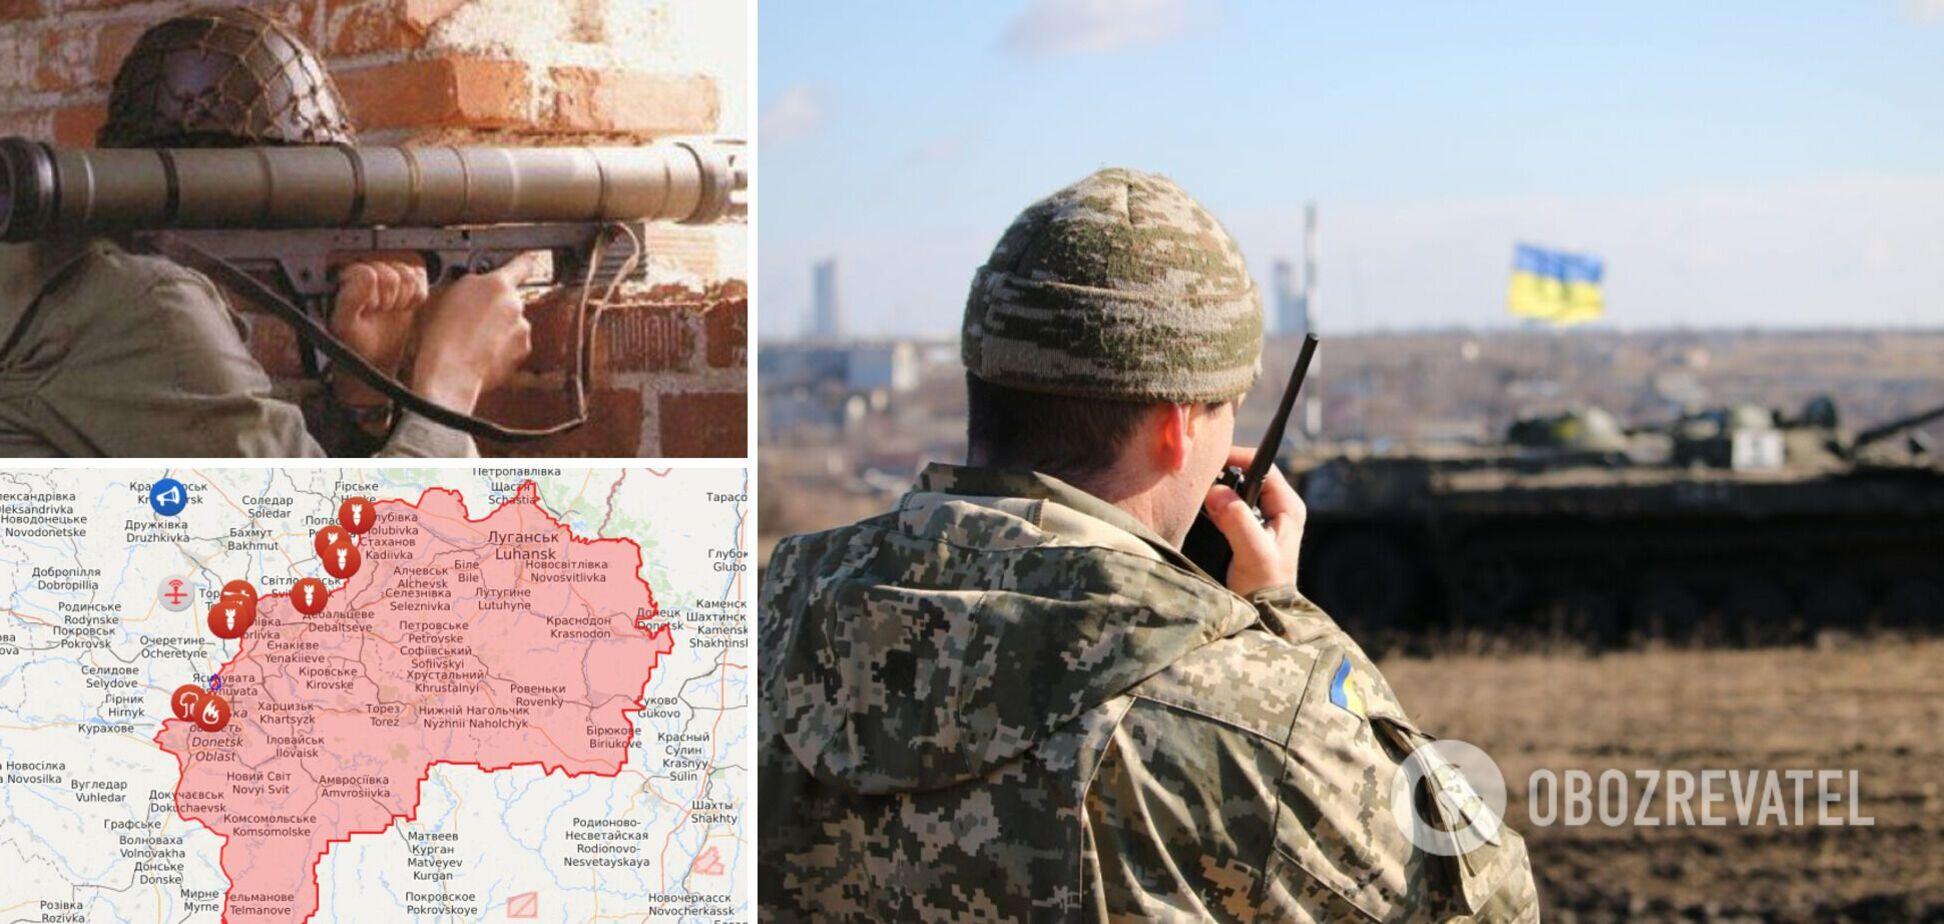 Окупанти накрили гранатометним вогнем ЗСУ на Донбасі та поранили бійця